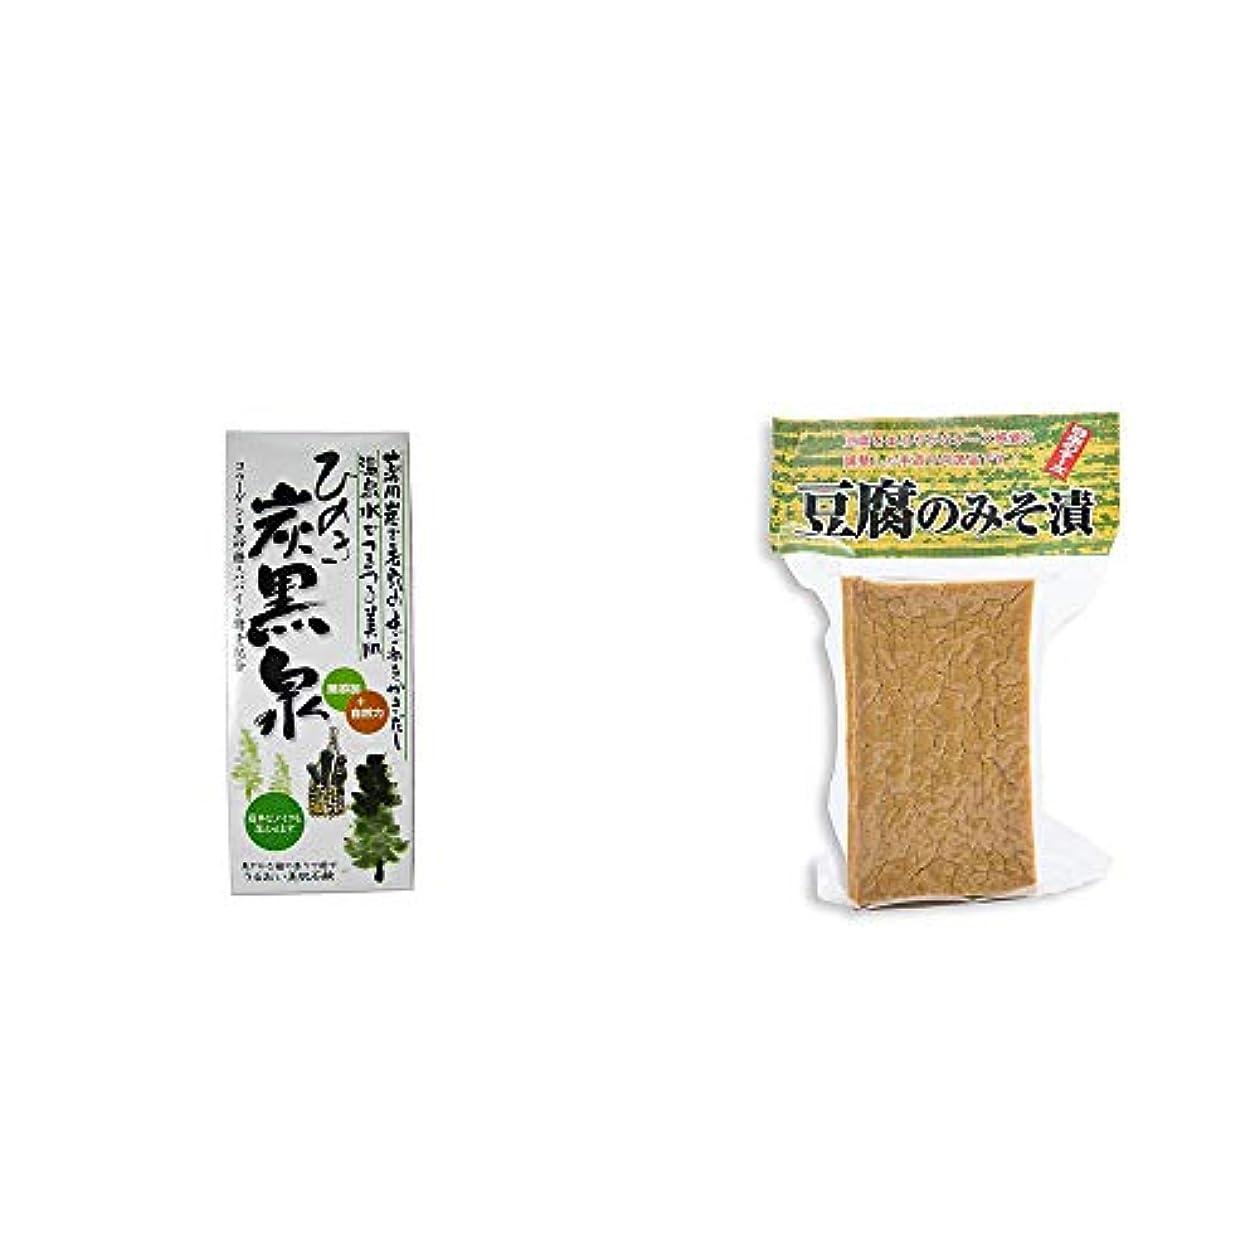 芝生騒君主[2点セット] ひのき炭黒泉 箱入り(75g×3)?日本のチーズ 豆腐のみそ漬(1個入)